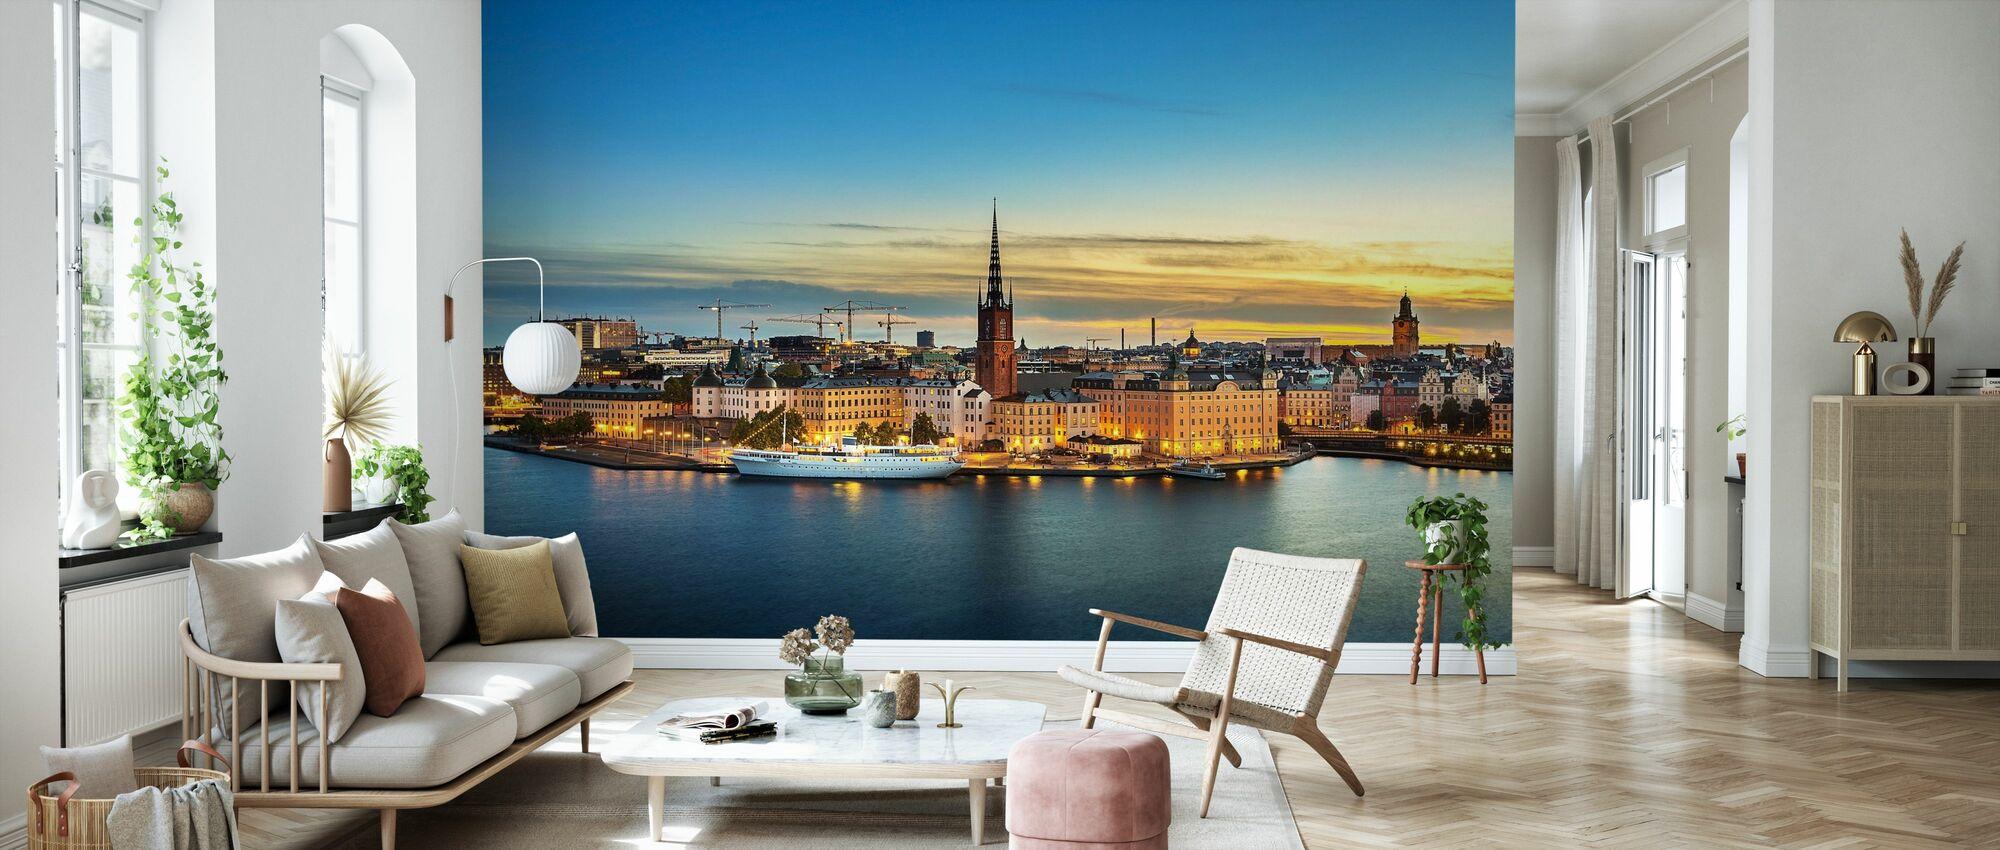 Sonnenuntergang über Riddarholmen Stockholm - Tapete - Wohnzimmer